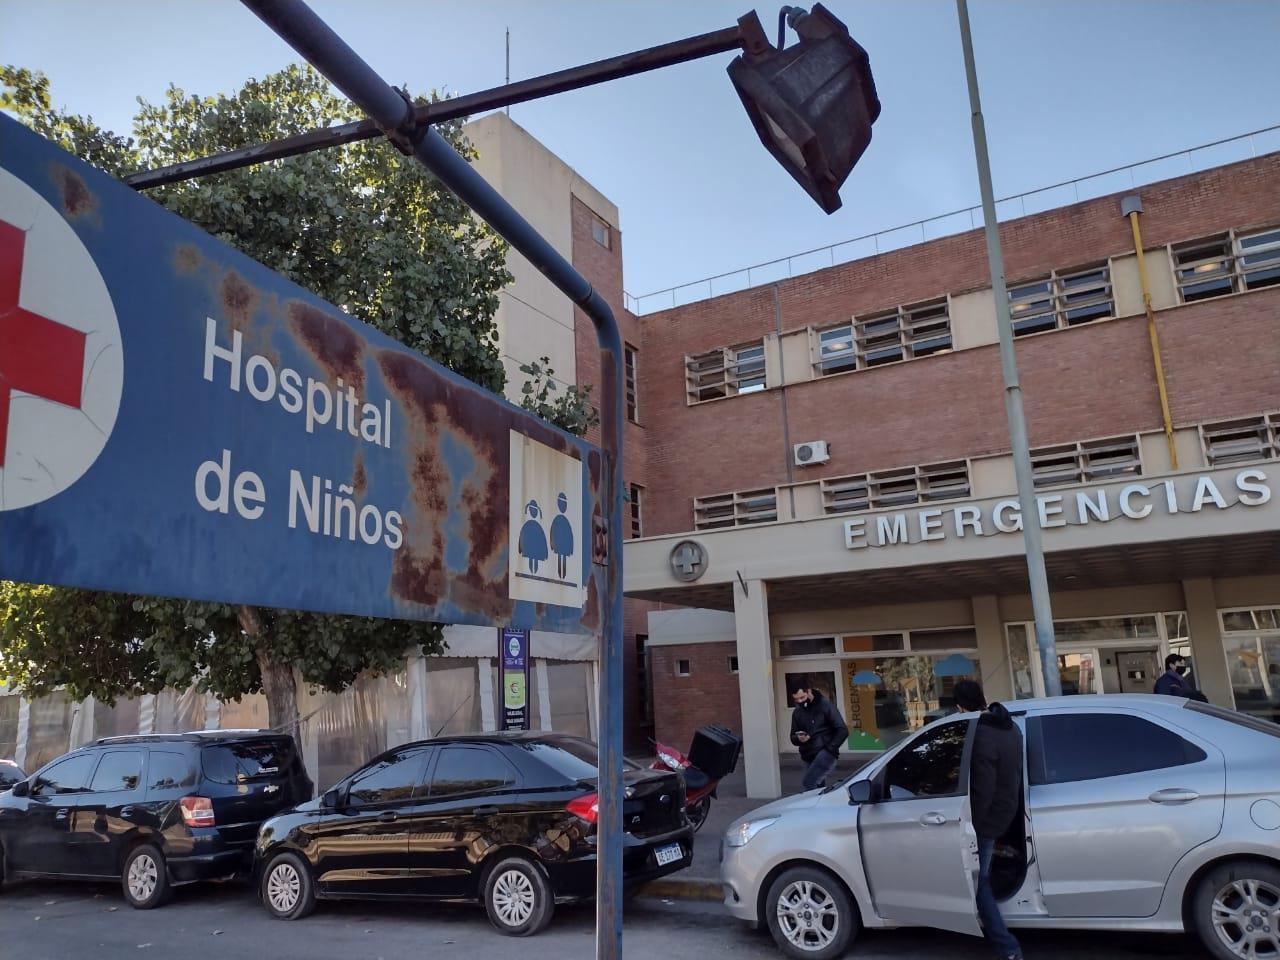 Hospital de Niños by LNM